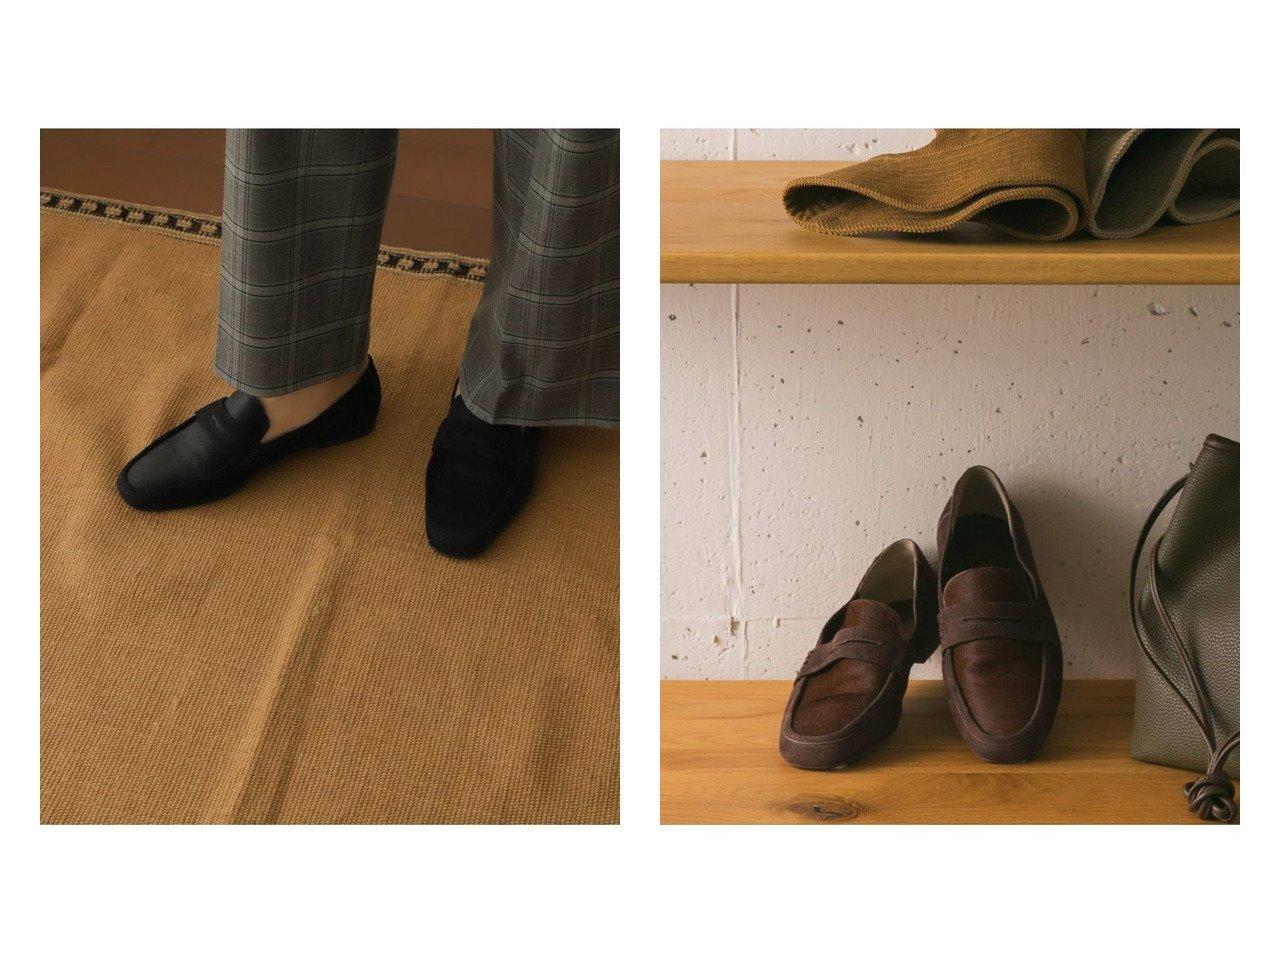 【URBAN RESEARCH DOORS/アーバンリサーチ ドアーズ】のハラコローファー シューズ・靴のおすすめ!人気、トレンド・レディースファッションの通販 おすすめで人気の流行・トレンド、ファッションの通販商品 メンズファッション・キッズファッション・インテリア・家具・レディースファッション・服の通販 founy(ファニー) https://founy.com/ ファッション Fashion レディースファッション WOMEN シューズ シンプル スエード フィット |ID:crp329100000011806